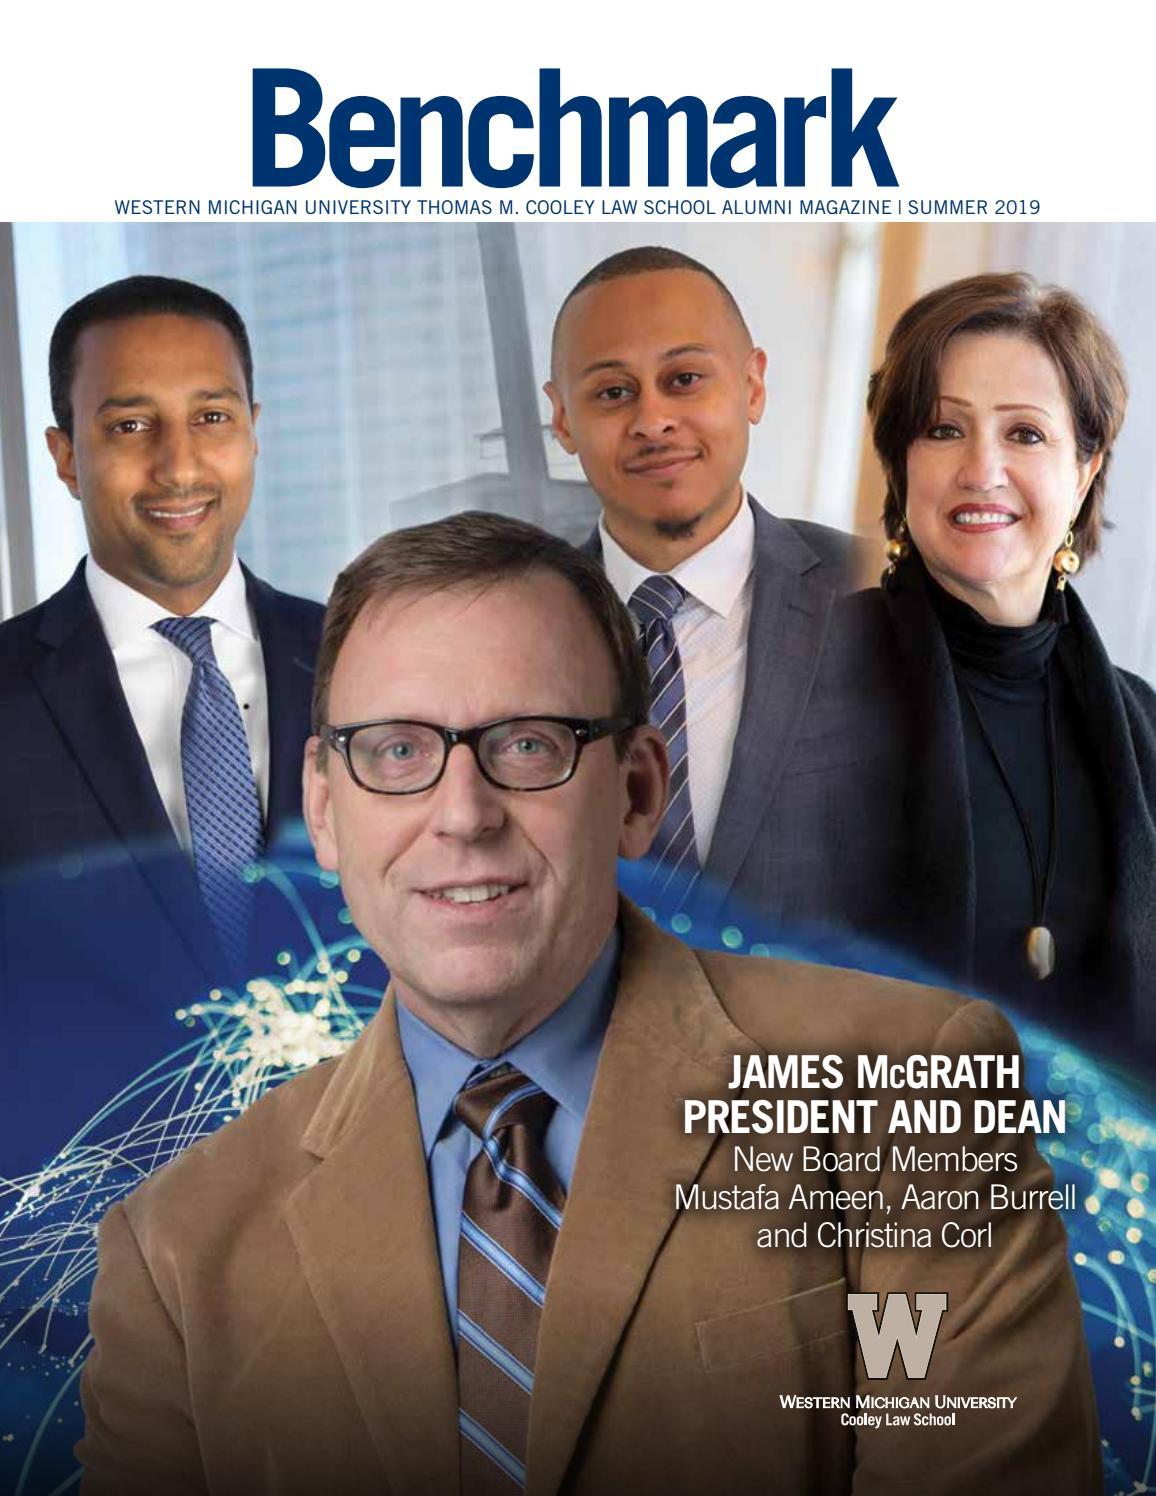 Benchmark | Summer 2019 by WMU Cooley Law School - issuu